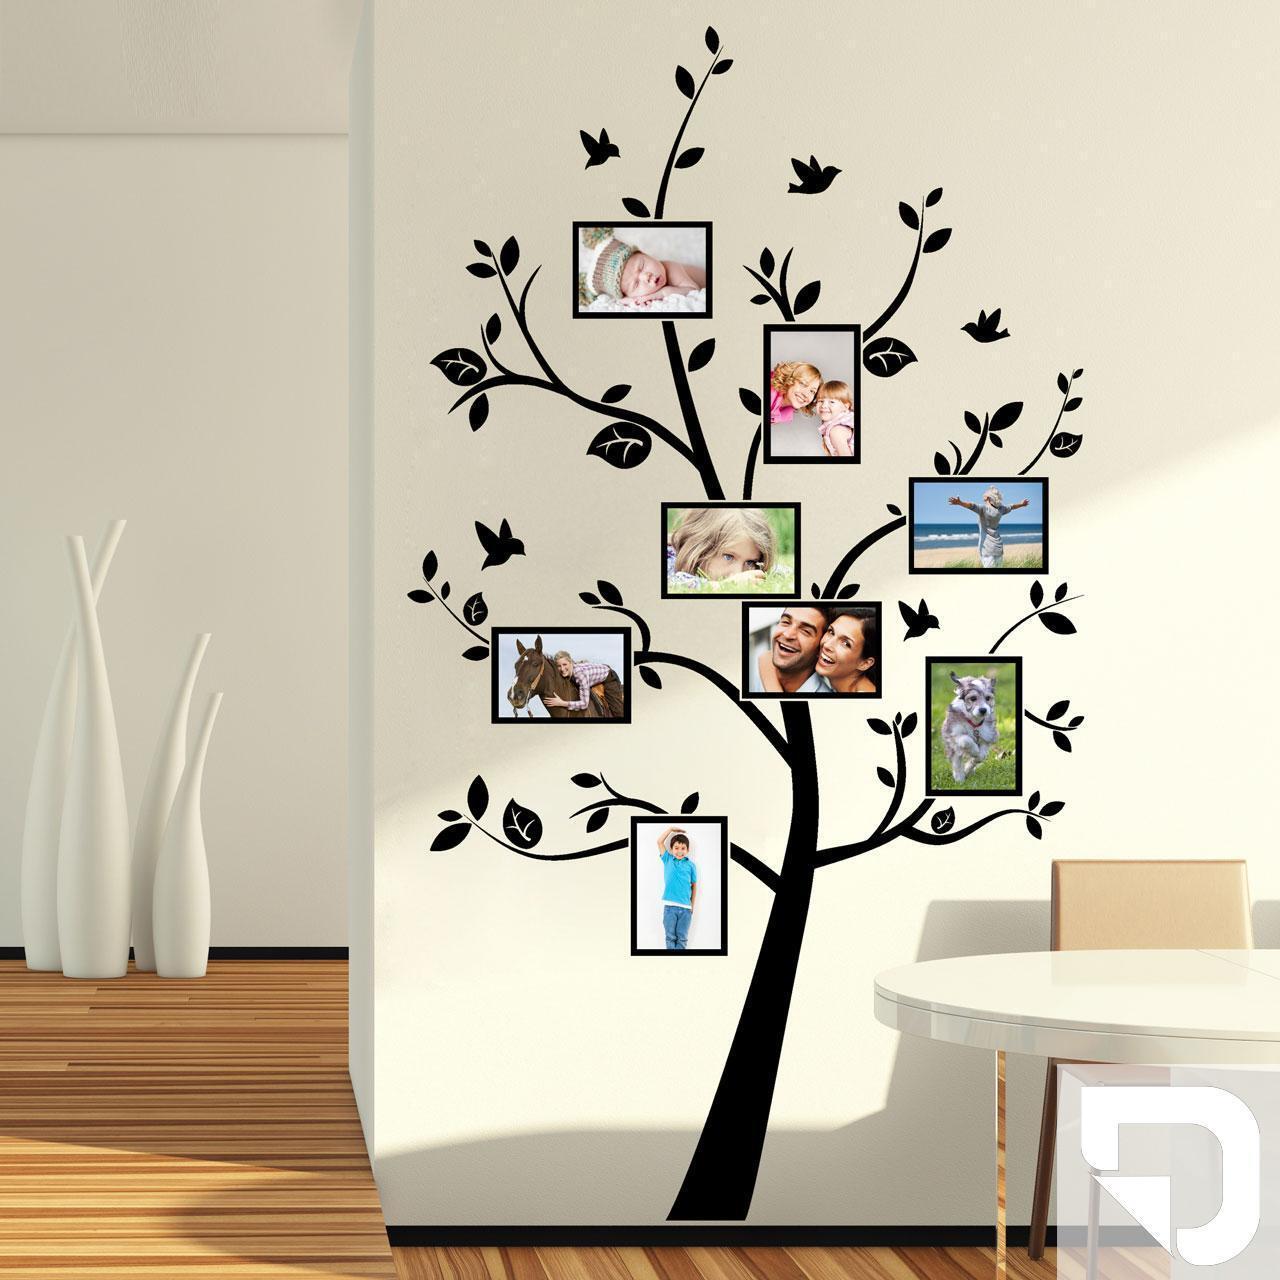 Wandtattoo Bilderbaum - Wandtattoo Fotorahmen mit Baum von DESIGNSCAPE®